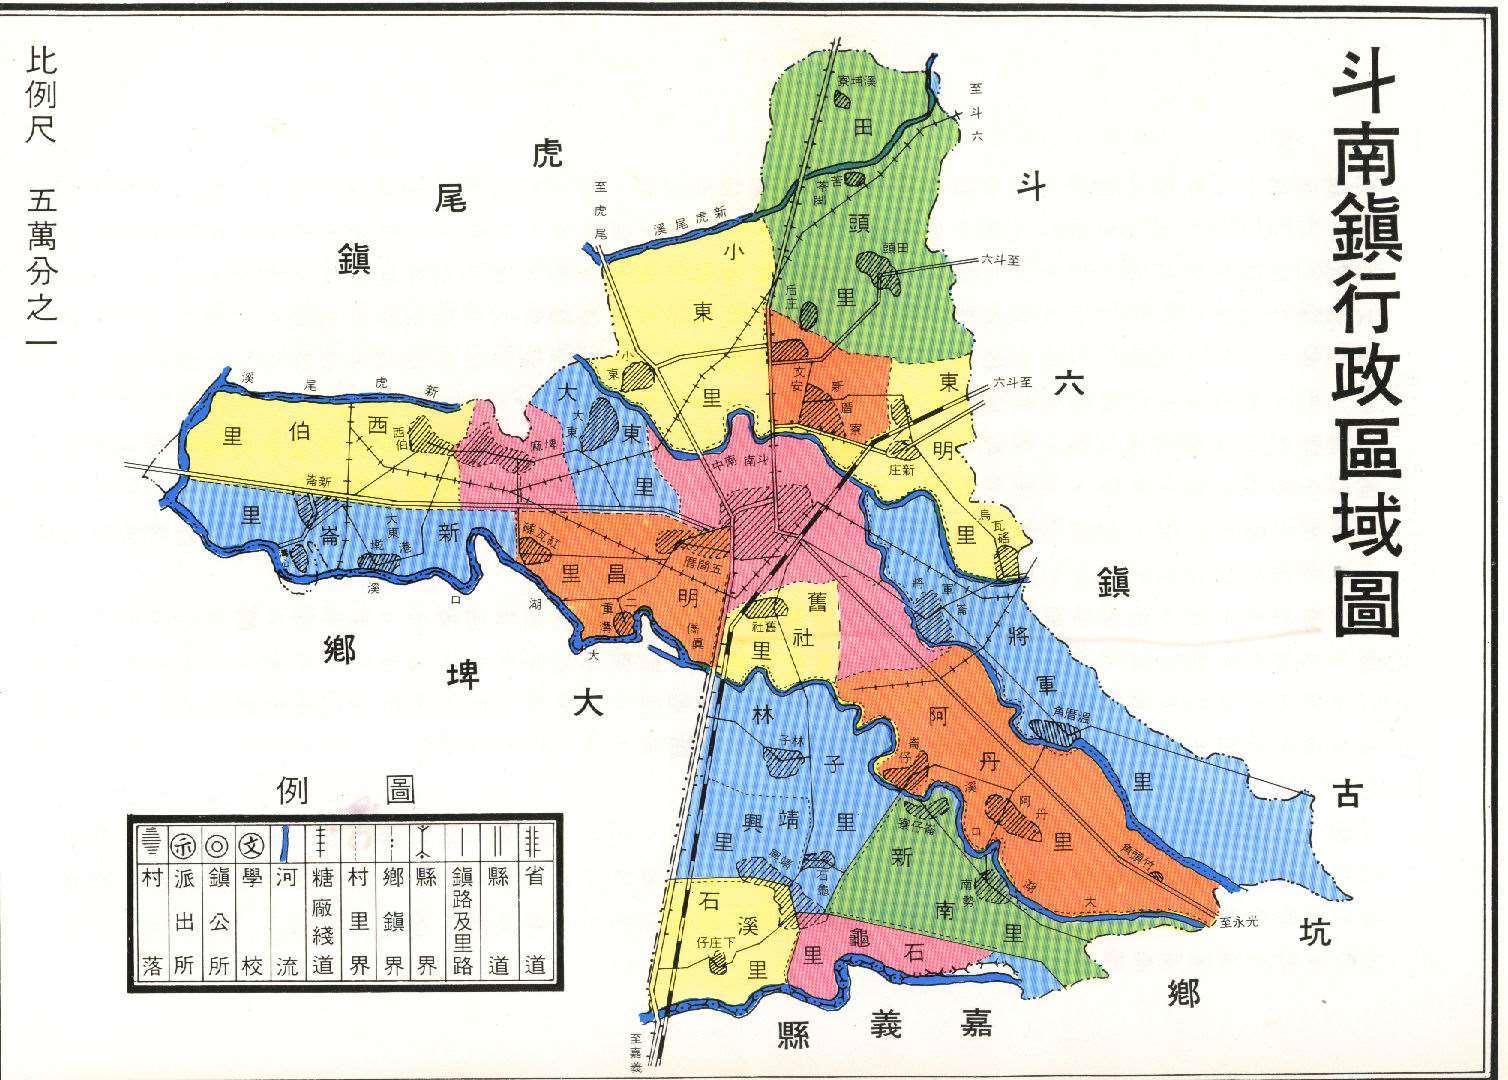 斗南鎮行政區域圖